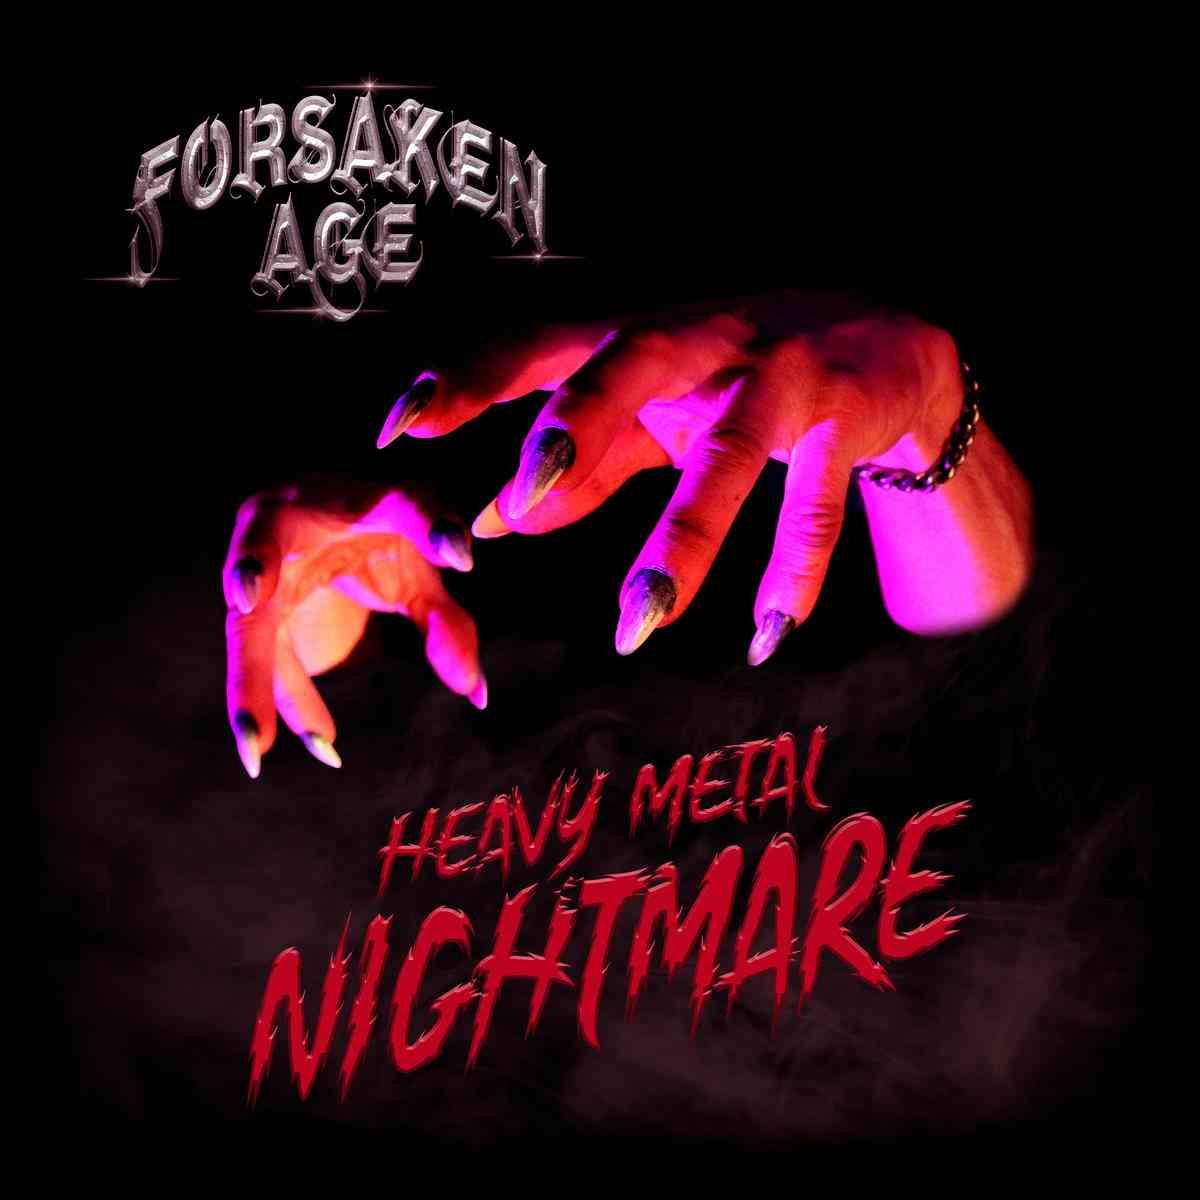 FORSAKEN AGE - Heavy-Metal Nightmare - album cover